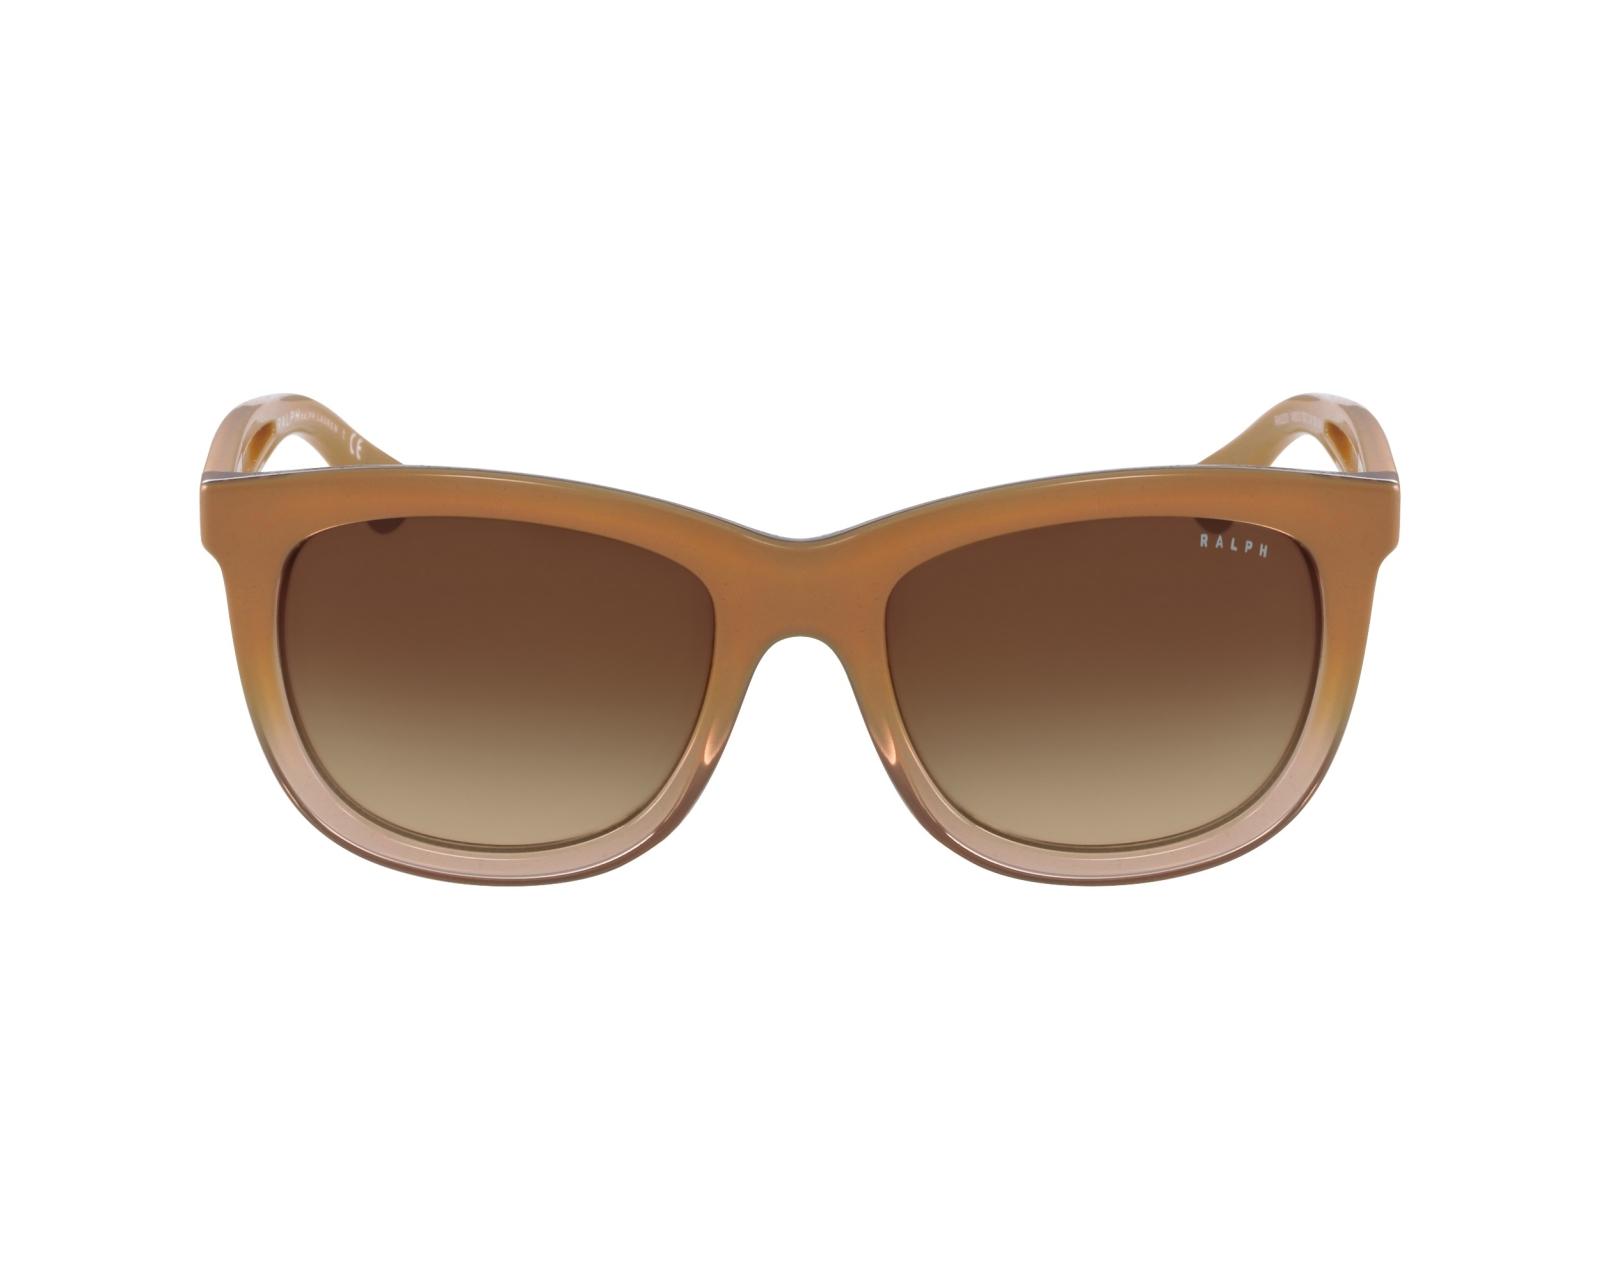 lunettes de soleil ralph lauren ra 5205 145013 marron avec. Black Bedroom Furniture Sets. Home Design Ideas